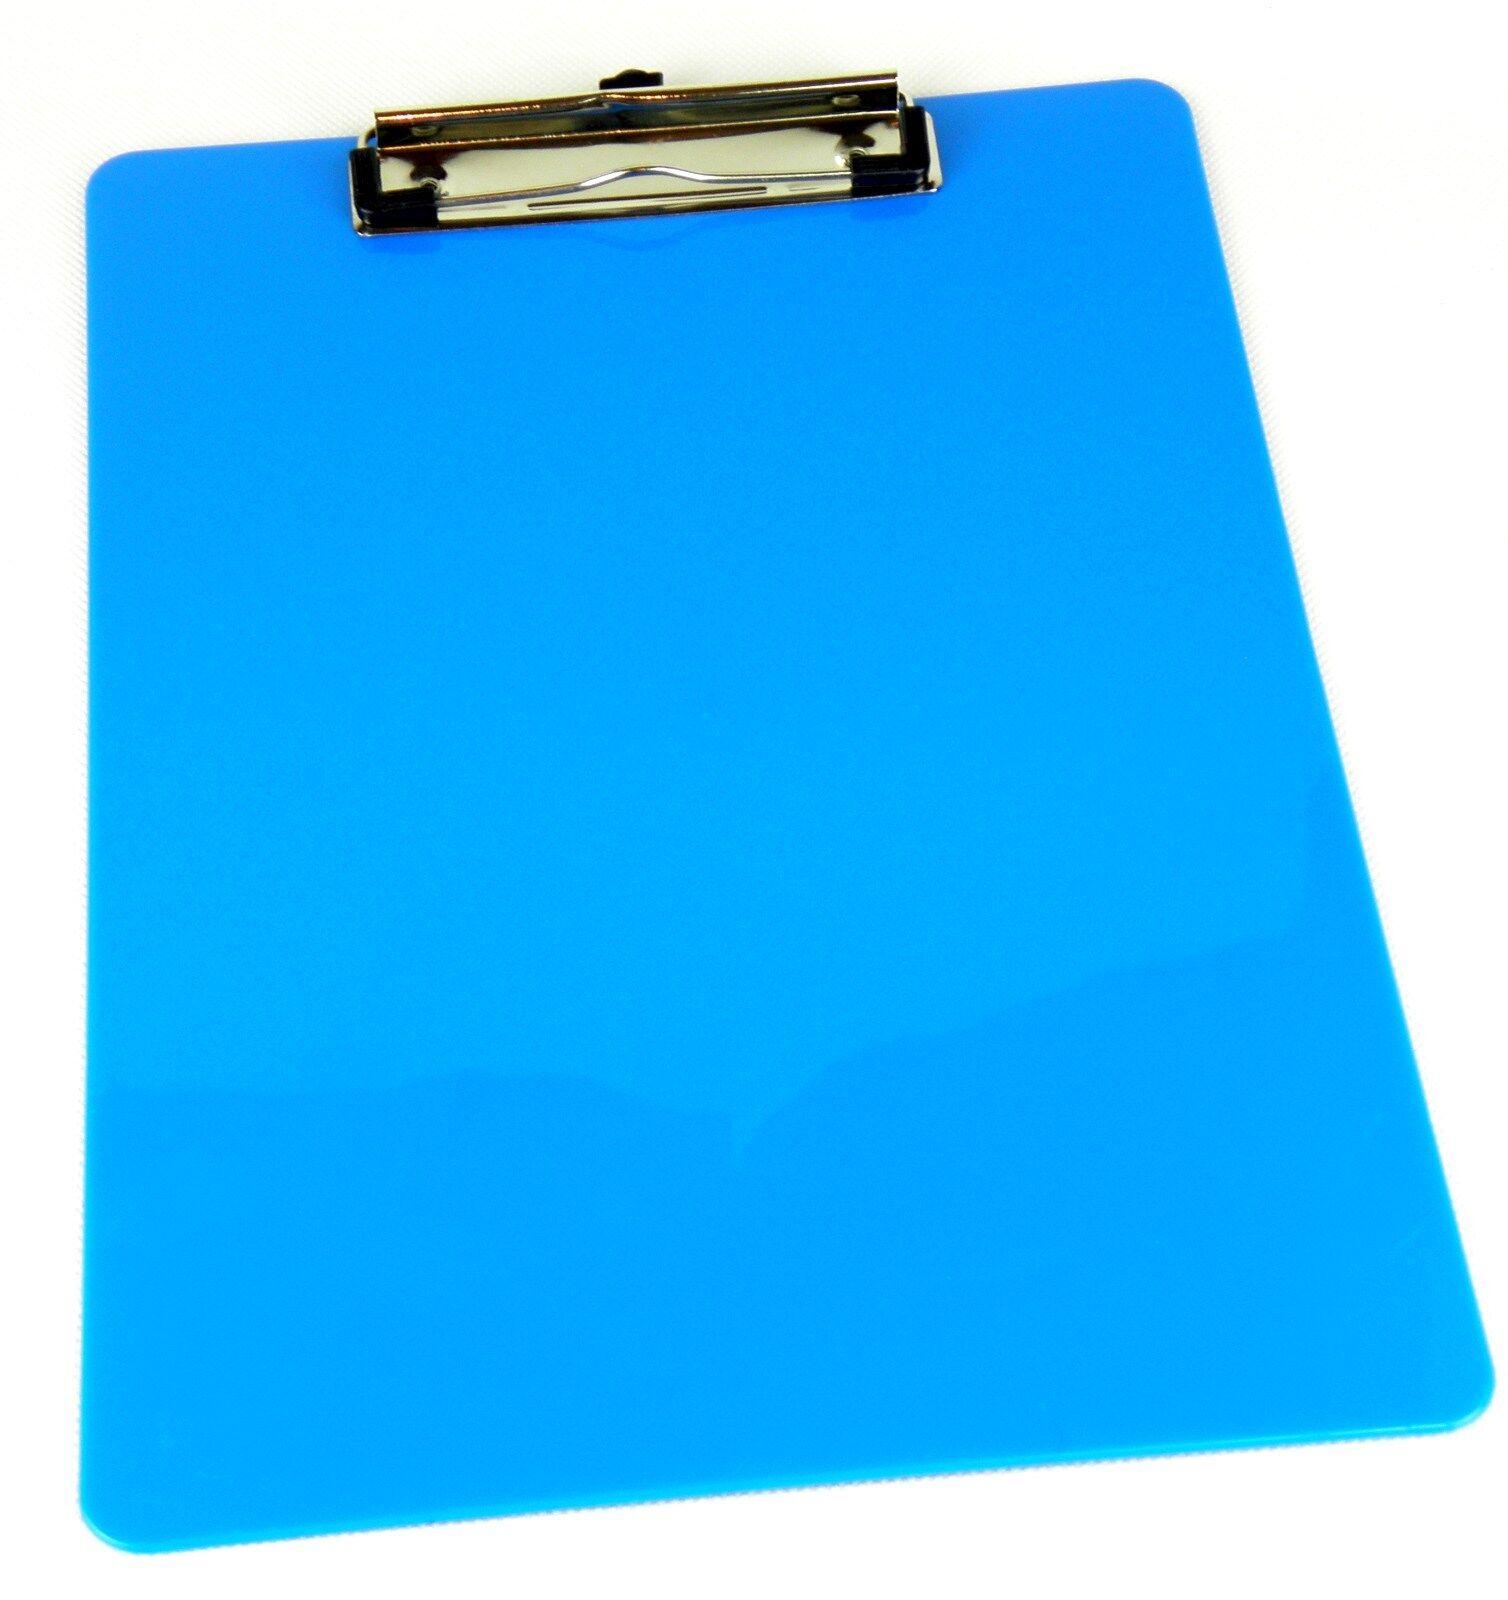 10 Klemmbrett A4 oder A5 Klemm Kunststoff Brett Clipboard ...